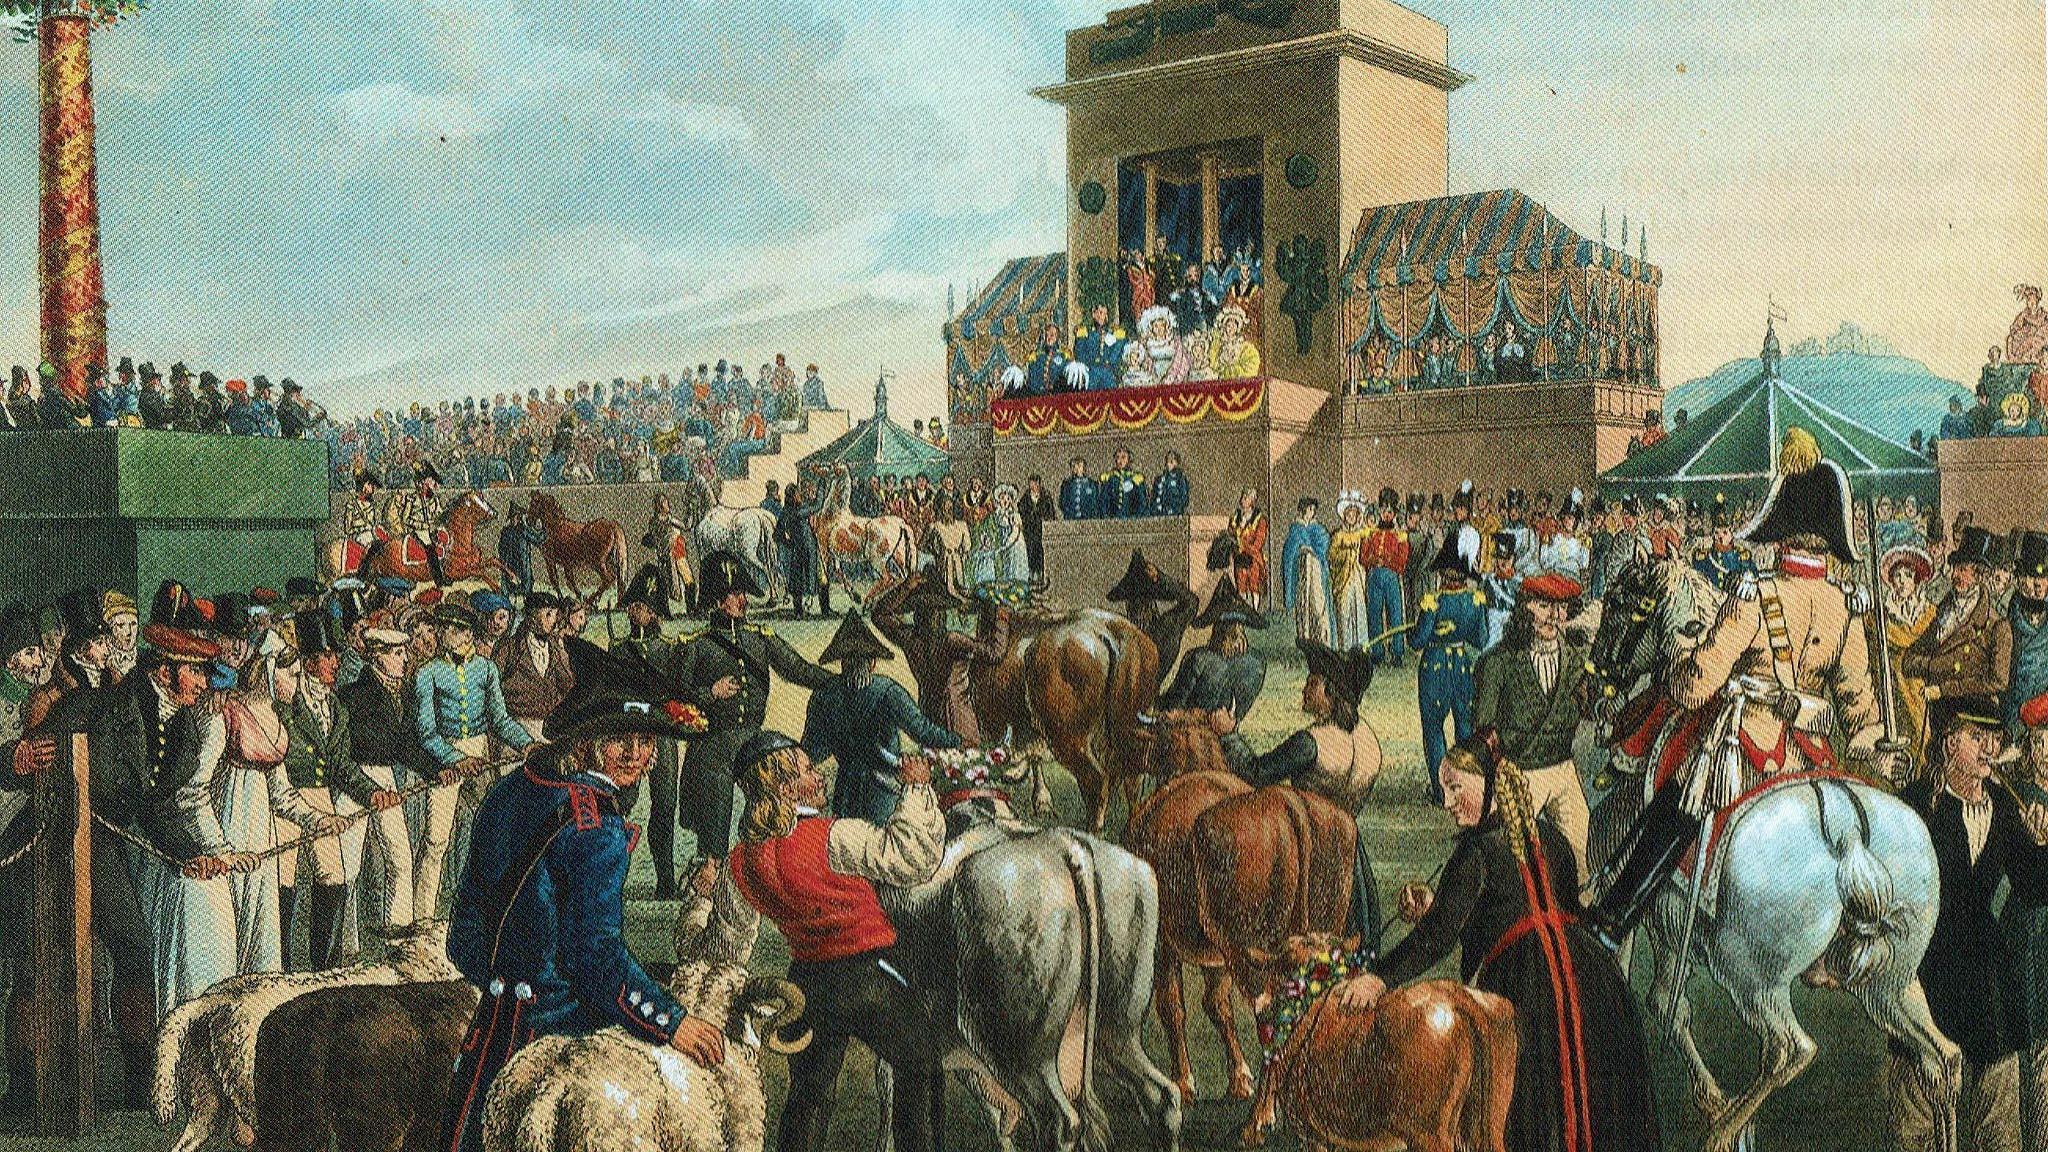 Tierprämierung auf dem Volksfest in Cannstatt, nach einem Gemälde von Johann Baptist Pflug, 1824; Foto: Wikimedia gemeinfrei